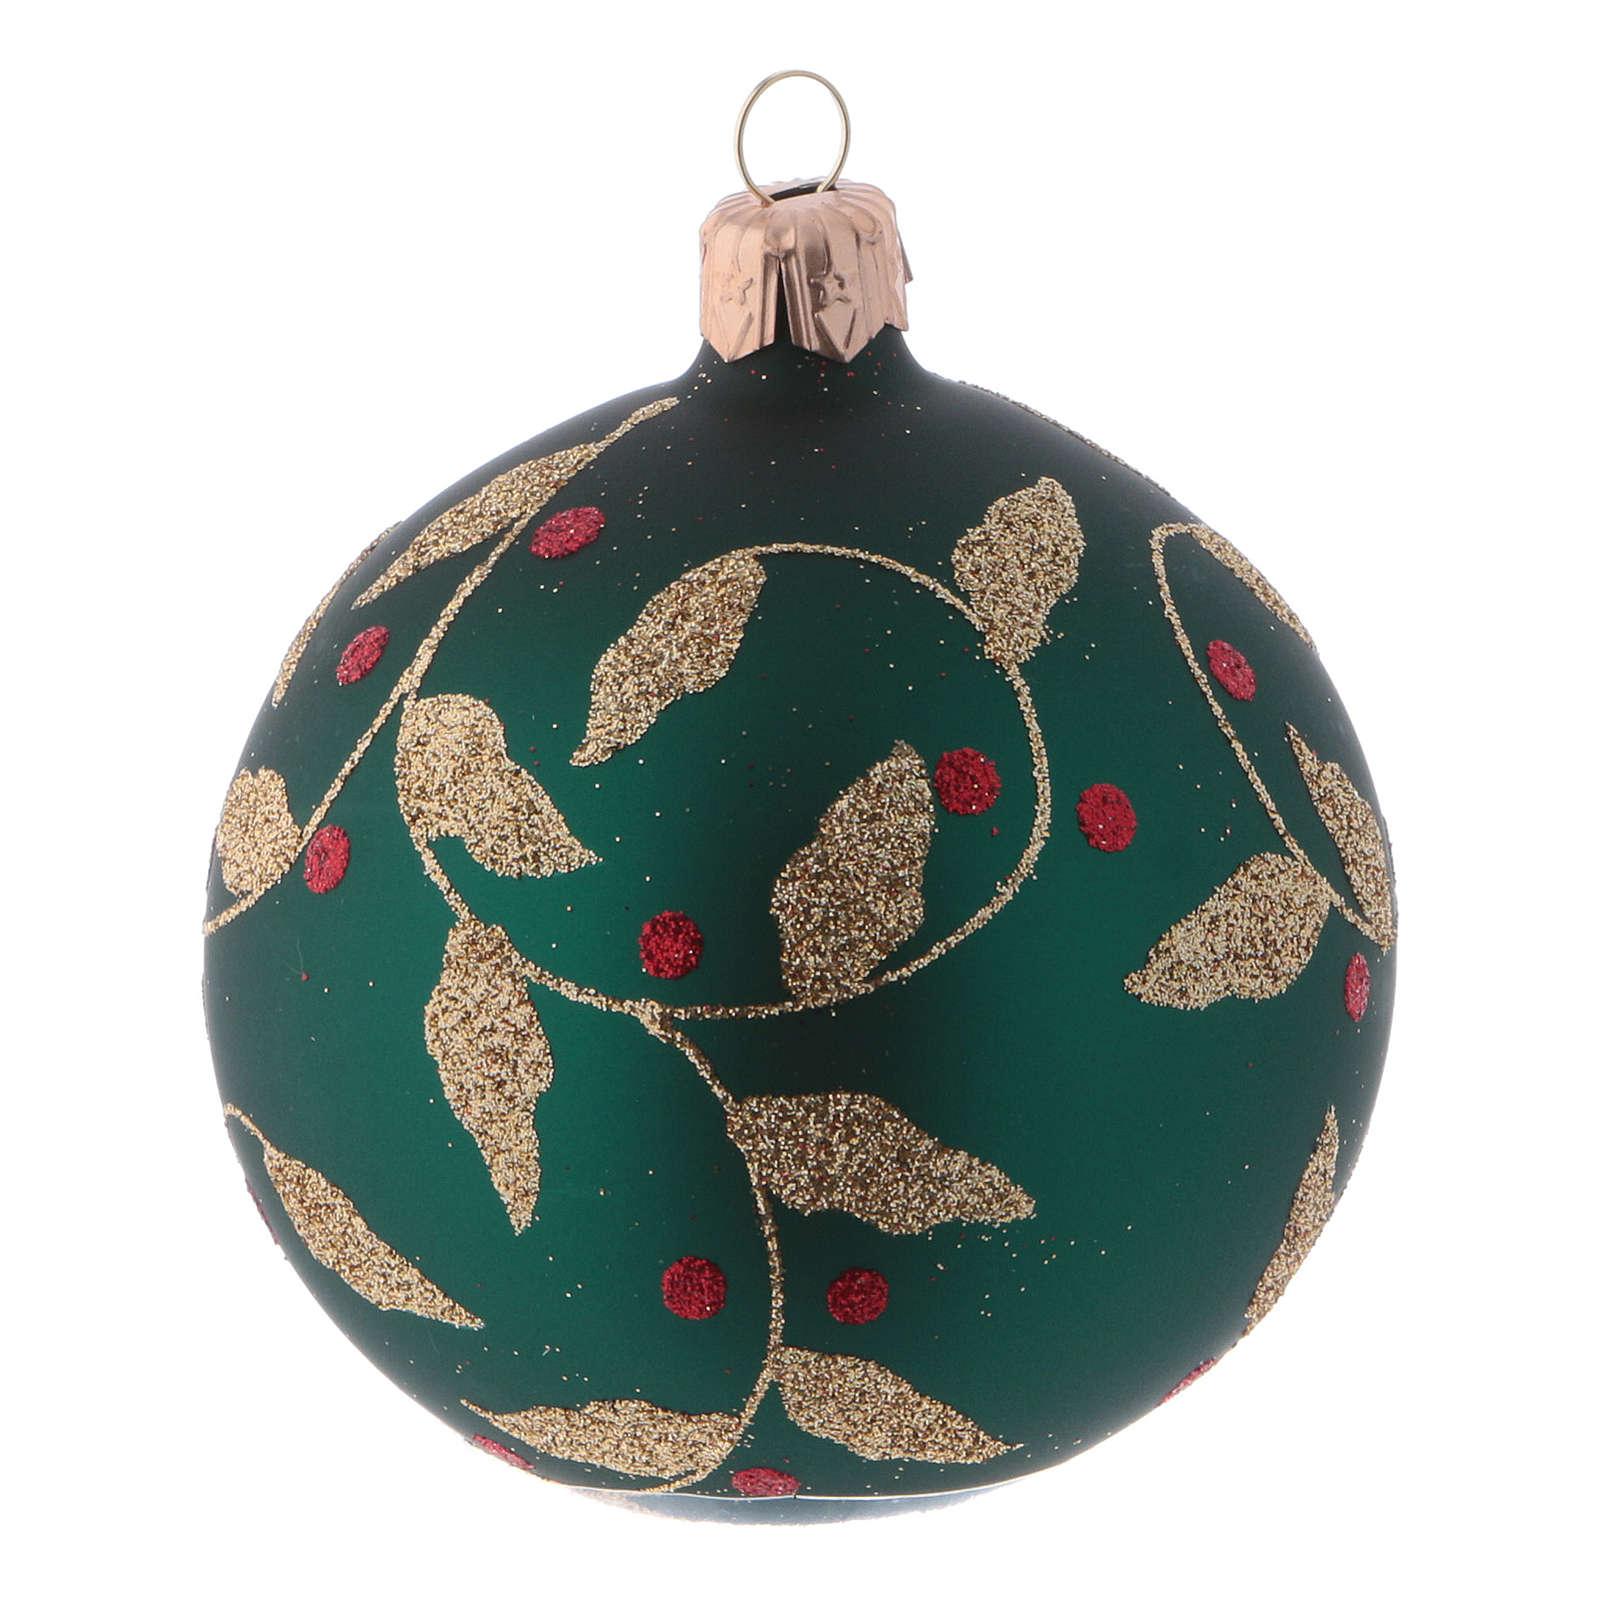 Bolitas de Navidad vidrio verde decoración brusco dorado 80 mm 6 piezas 4